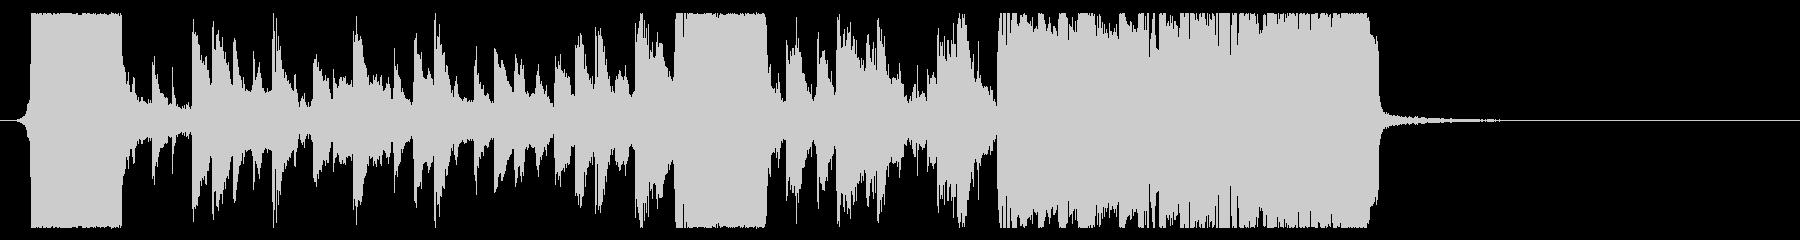 ホラー系EDMダブステップジングル06の未再生の波形